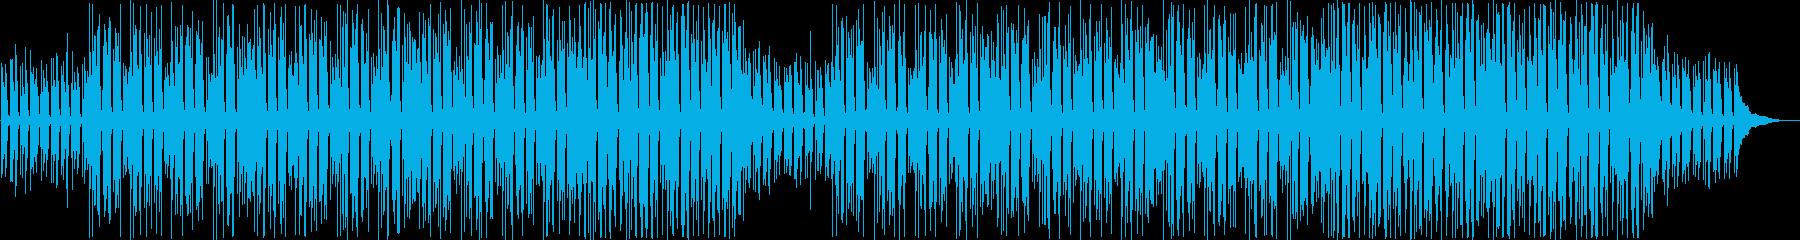 ほのぼのする日常的なアコースティックの再生済みの波形